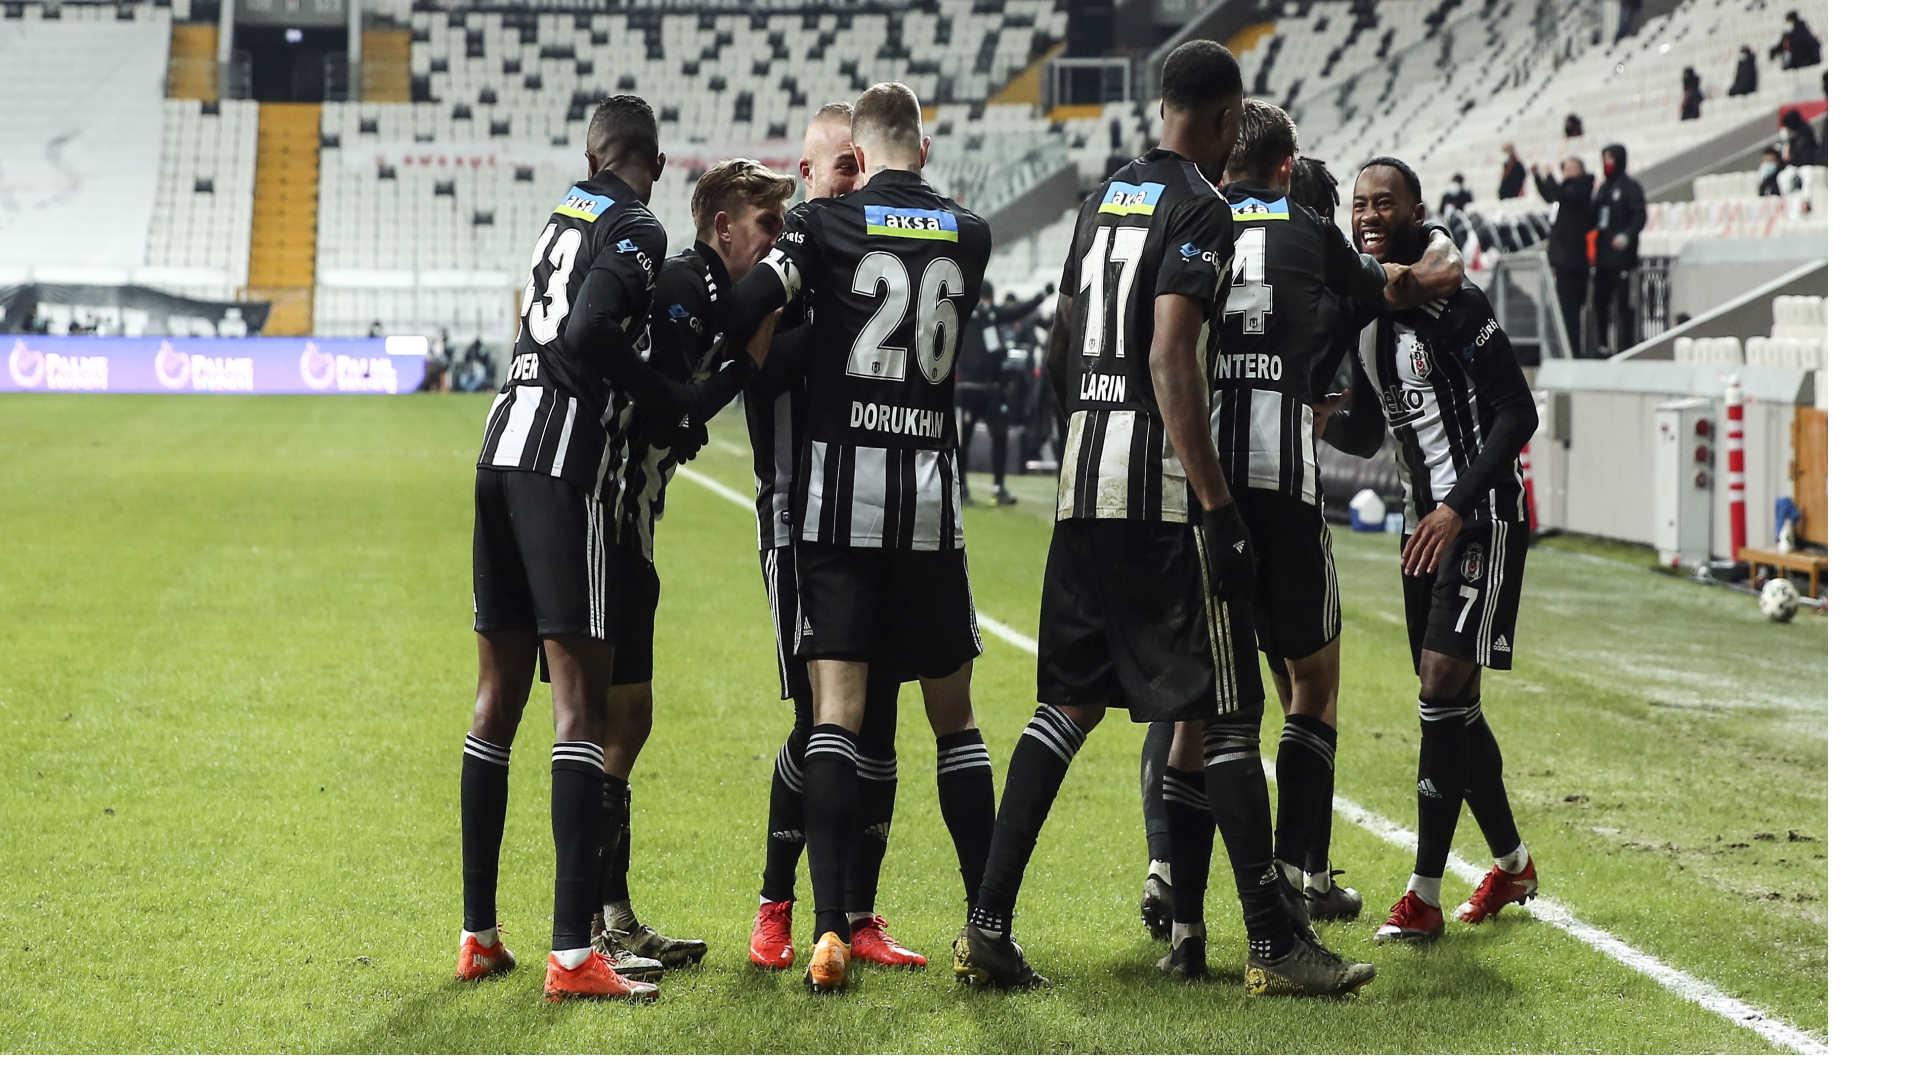 Aboubakar fires Besiktas to comeback win over Ideye's Goztepe